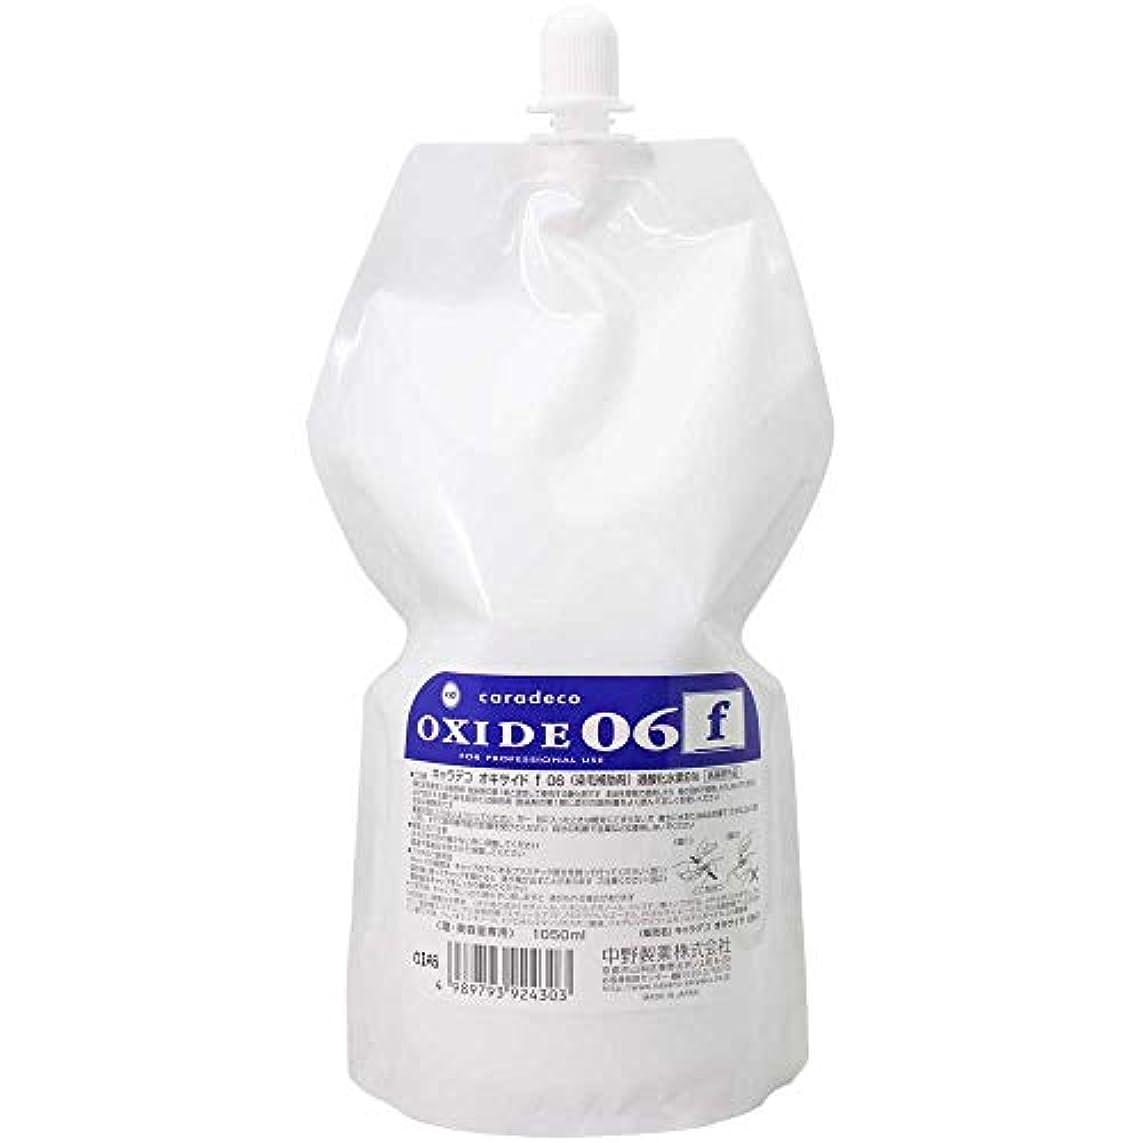 黒くするに沿って信条【ナカノ】キャラデコ オキサイドf 06 第2剤 (過酸化水素6%) 1050ml